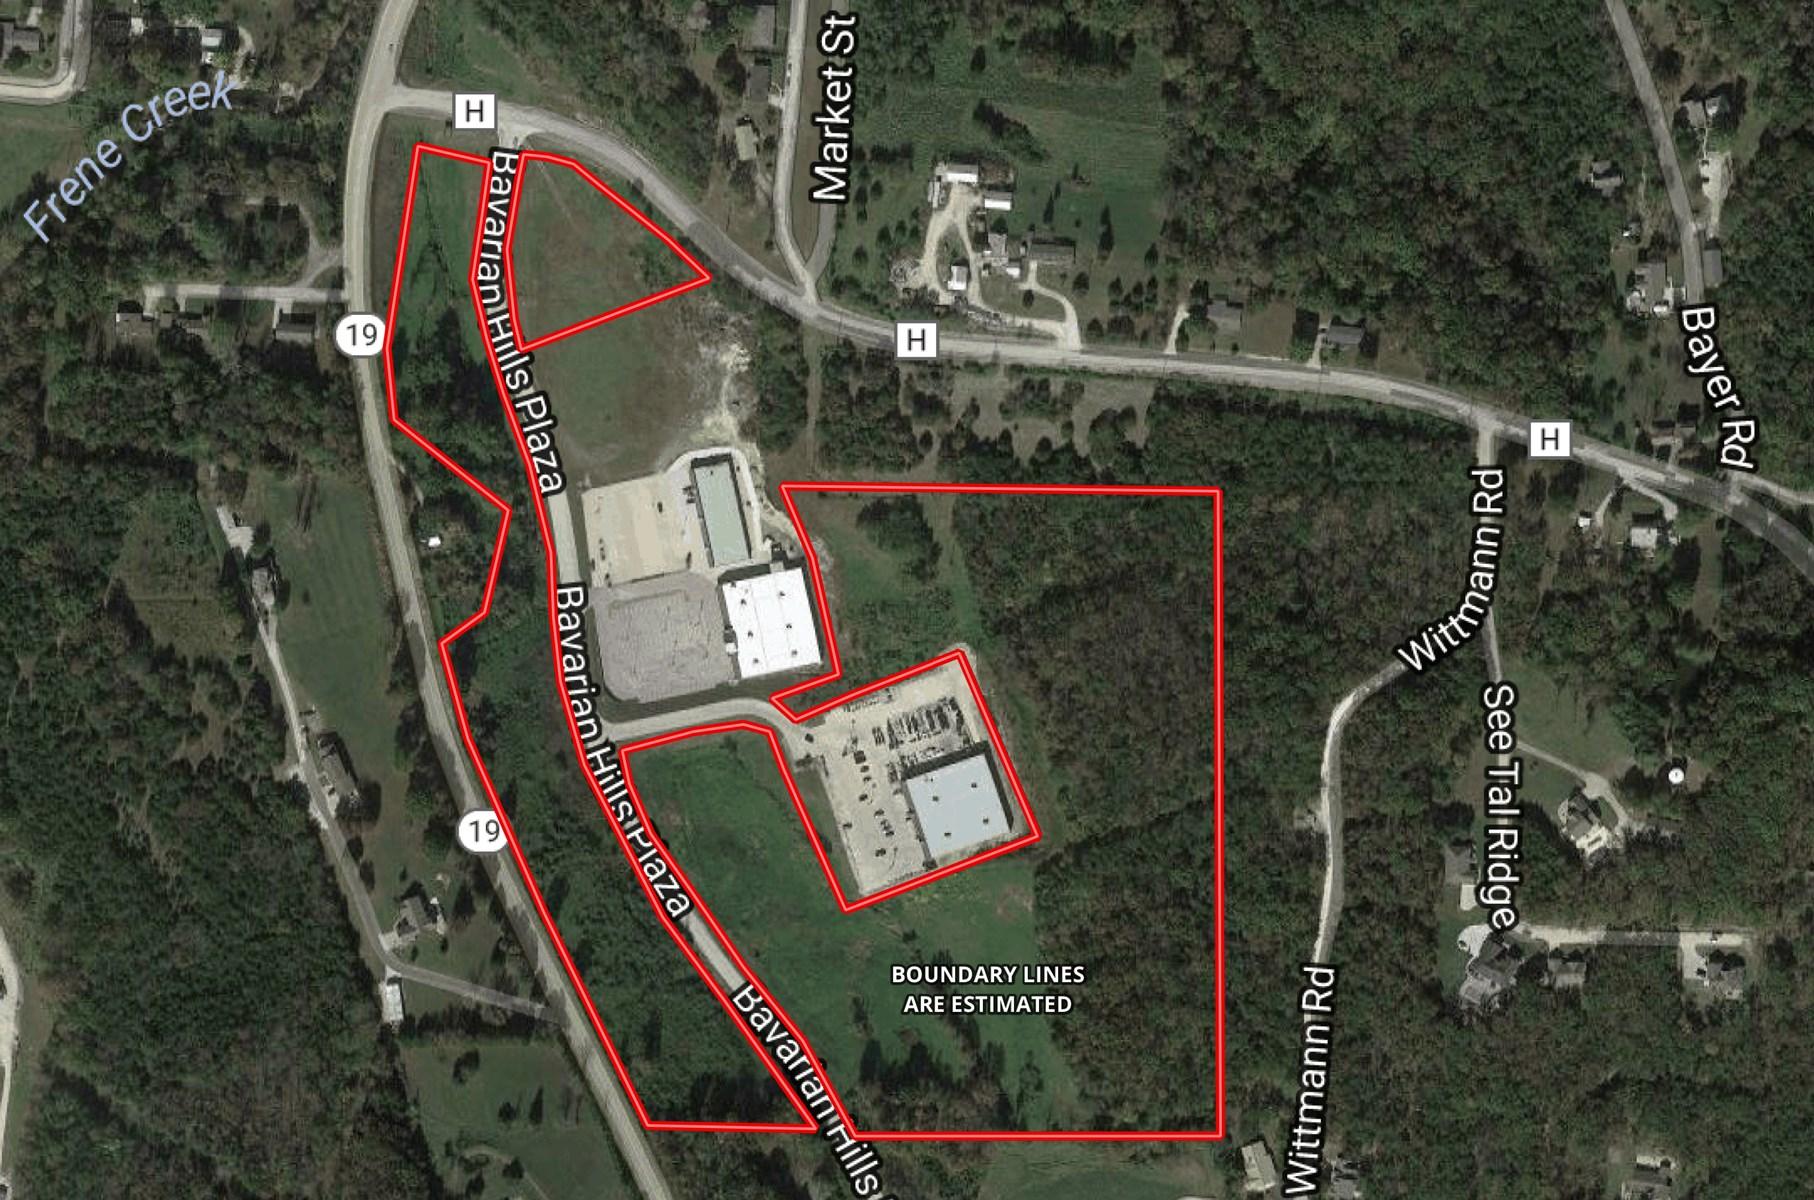 Commercial / Development Land For Sale in Hermann, Missouri